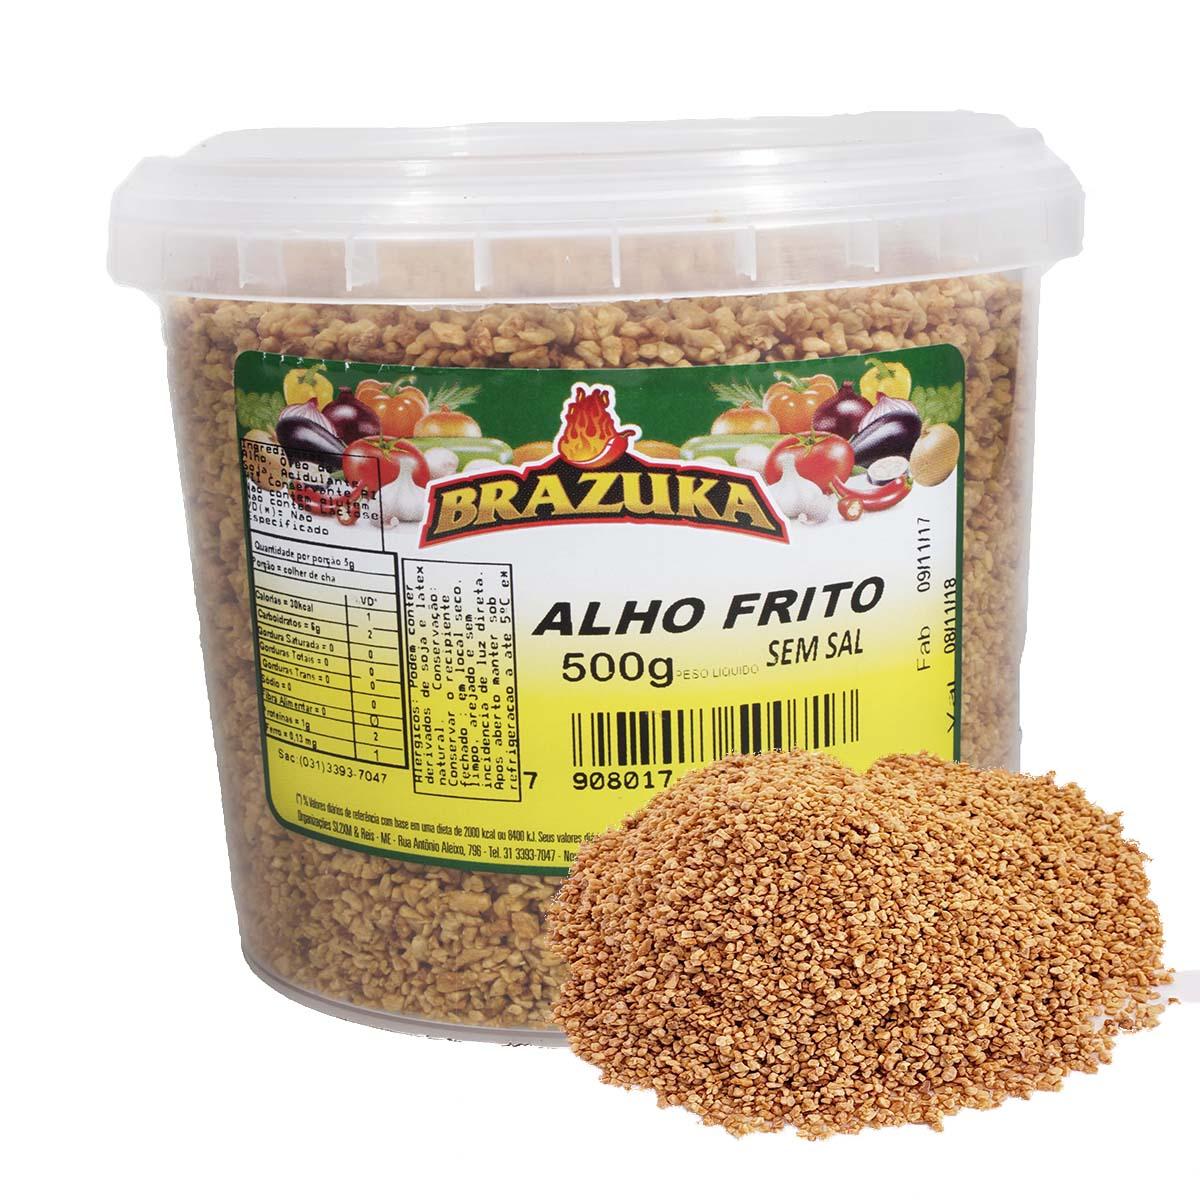 ALHO FRITO PURO PRONTO BRAZUKA 500GR